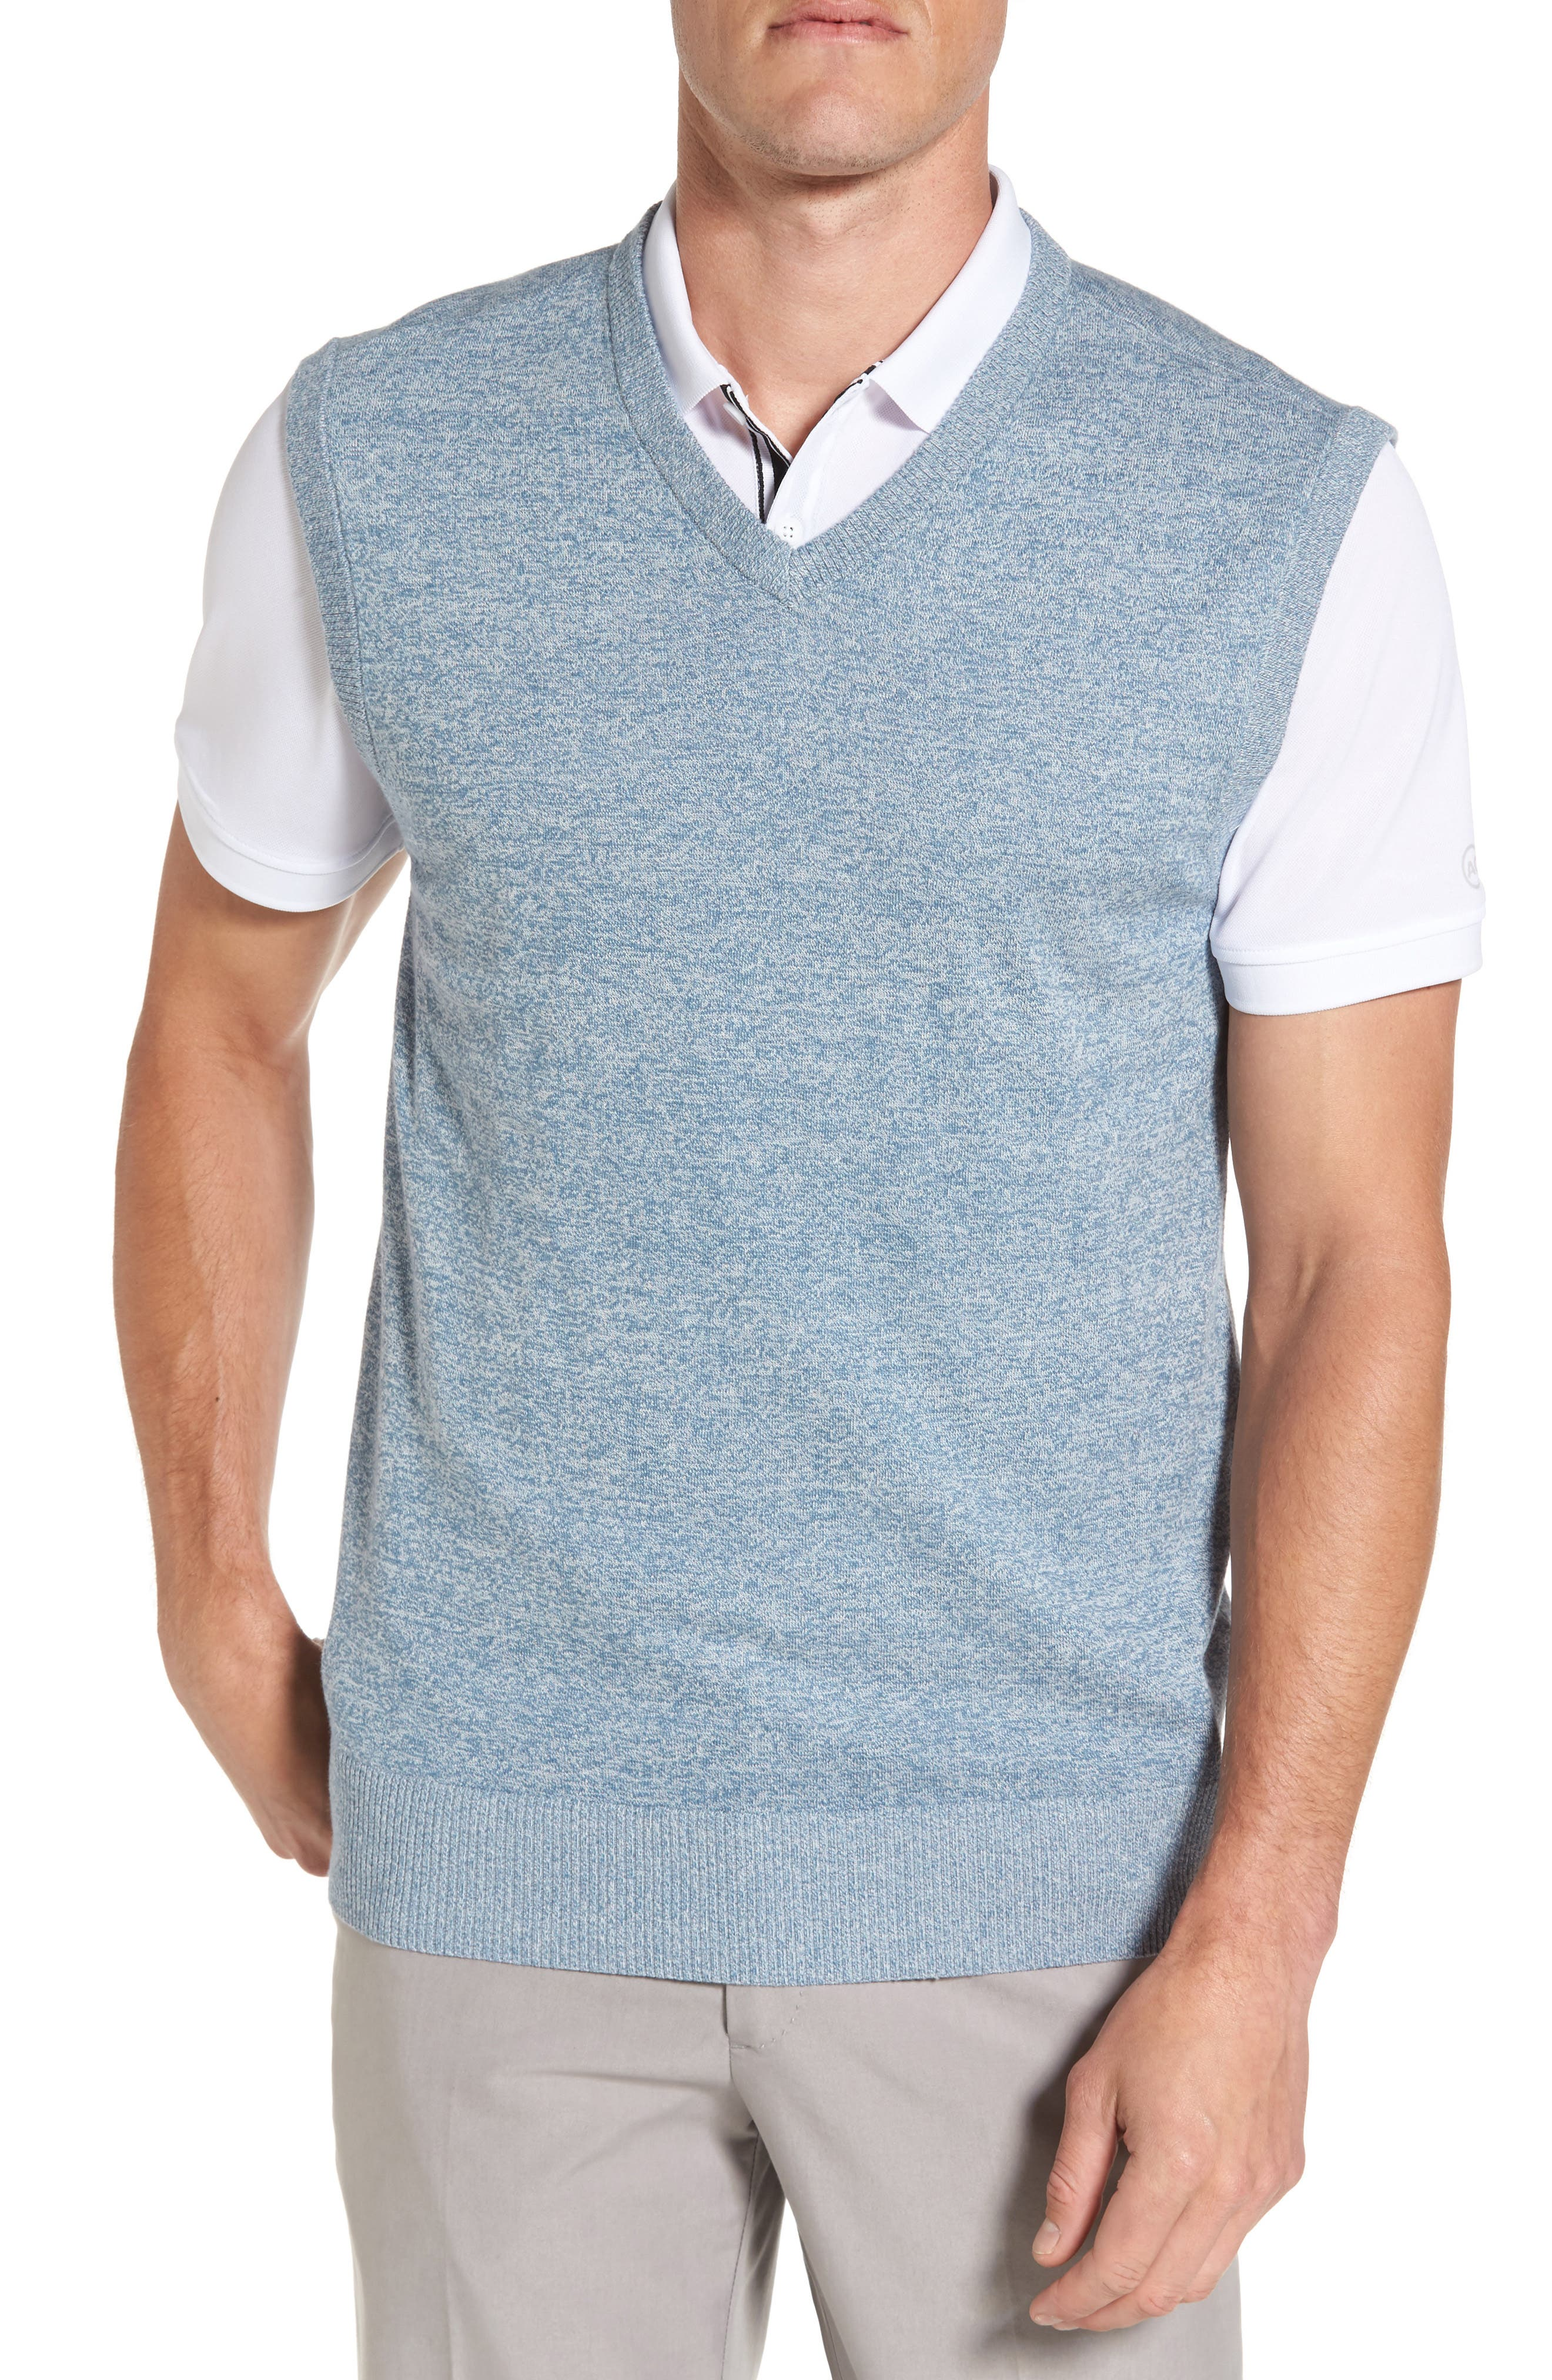 Valley V-Neck Sweater Vest,                             Main thumbnail 1, color,                             Blue Print/ White Melange